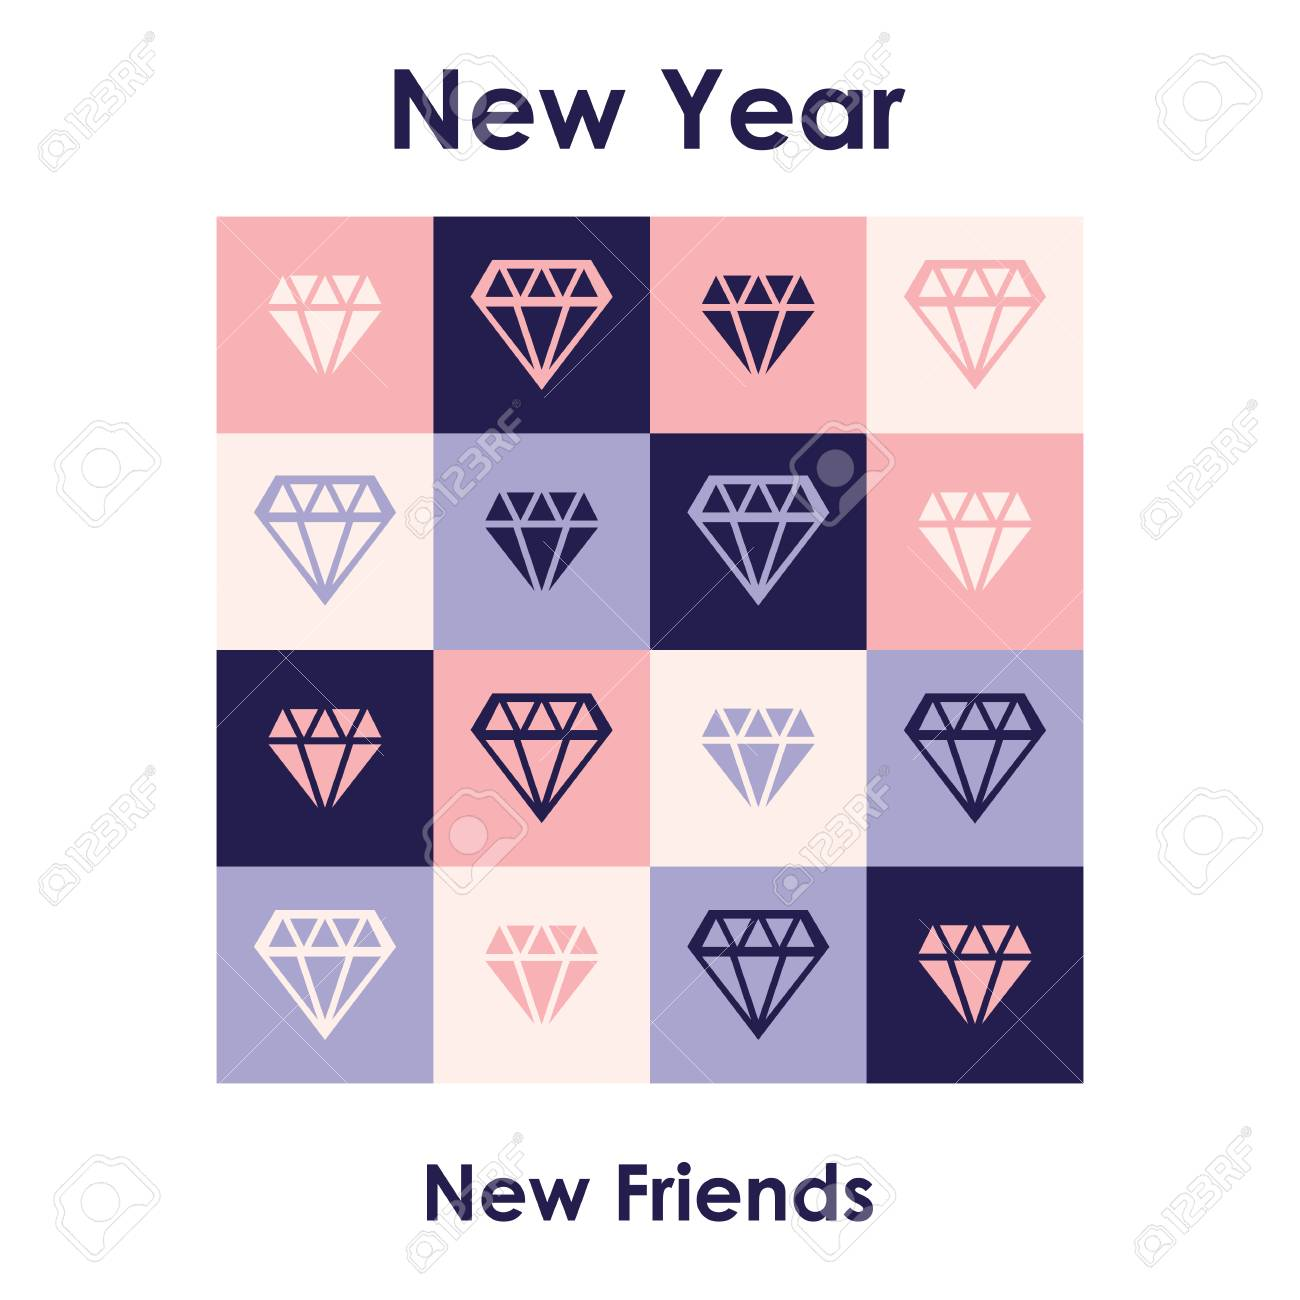 Carte De Voeux De Nouvel An Universel Avec Nouvelle Année Pour Les Nouveaux Amis Citation Drôle Ironique Liée à La Phrase Que Les Diamants Sont Les